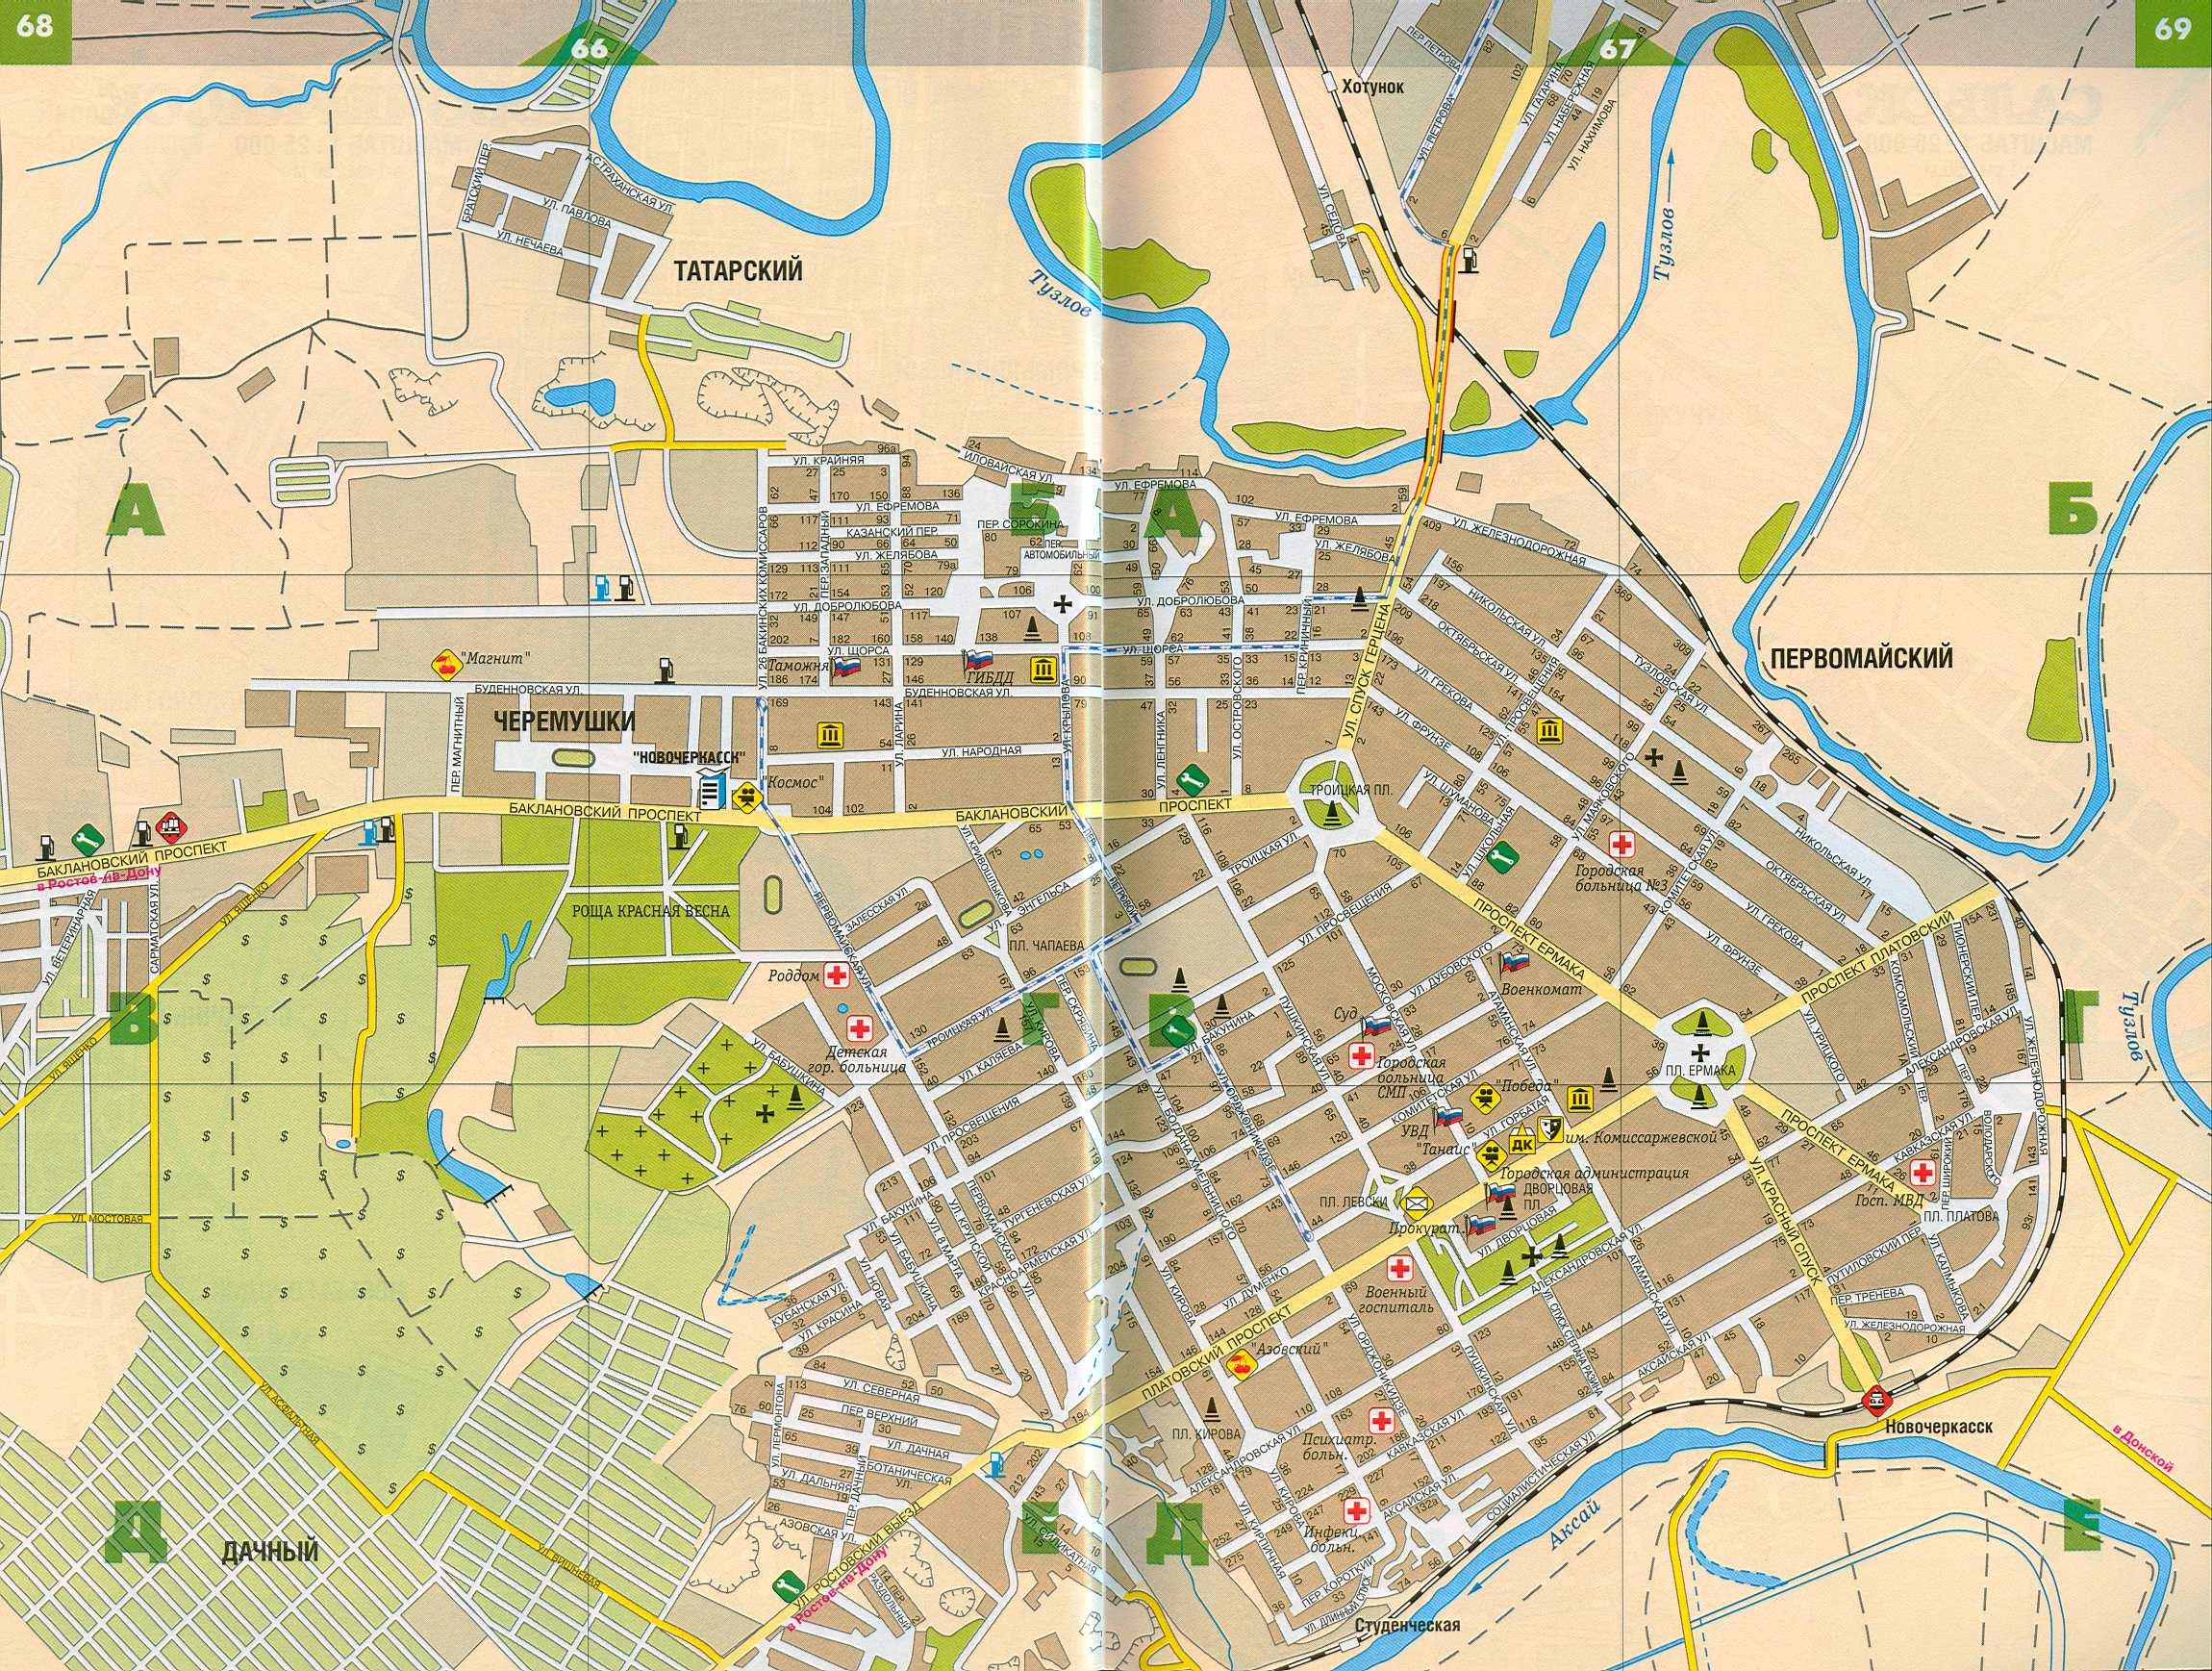 Карта Новочеркасска. Подробная карта улиц г.Новочеркасск ...: http://rus-map.ru/map268634_1_0.htm